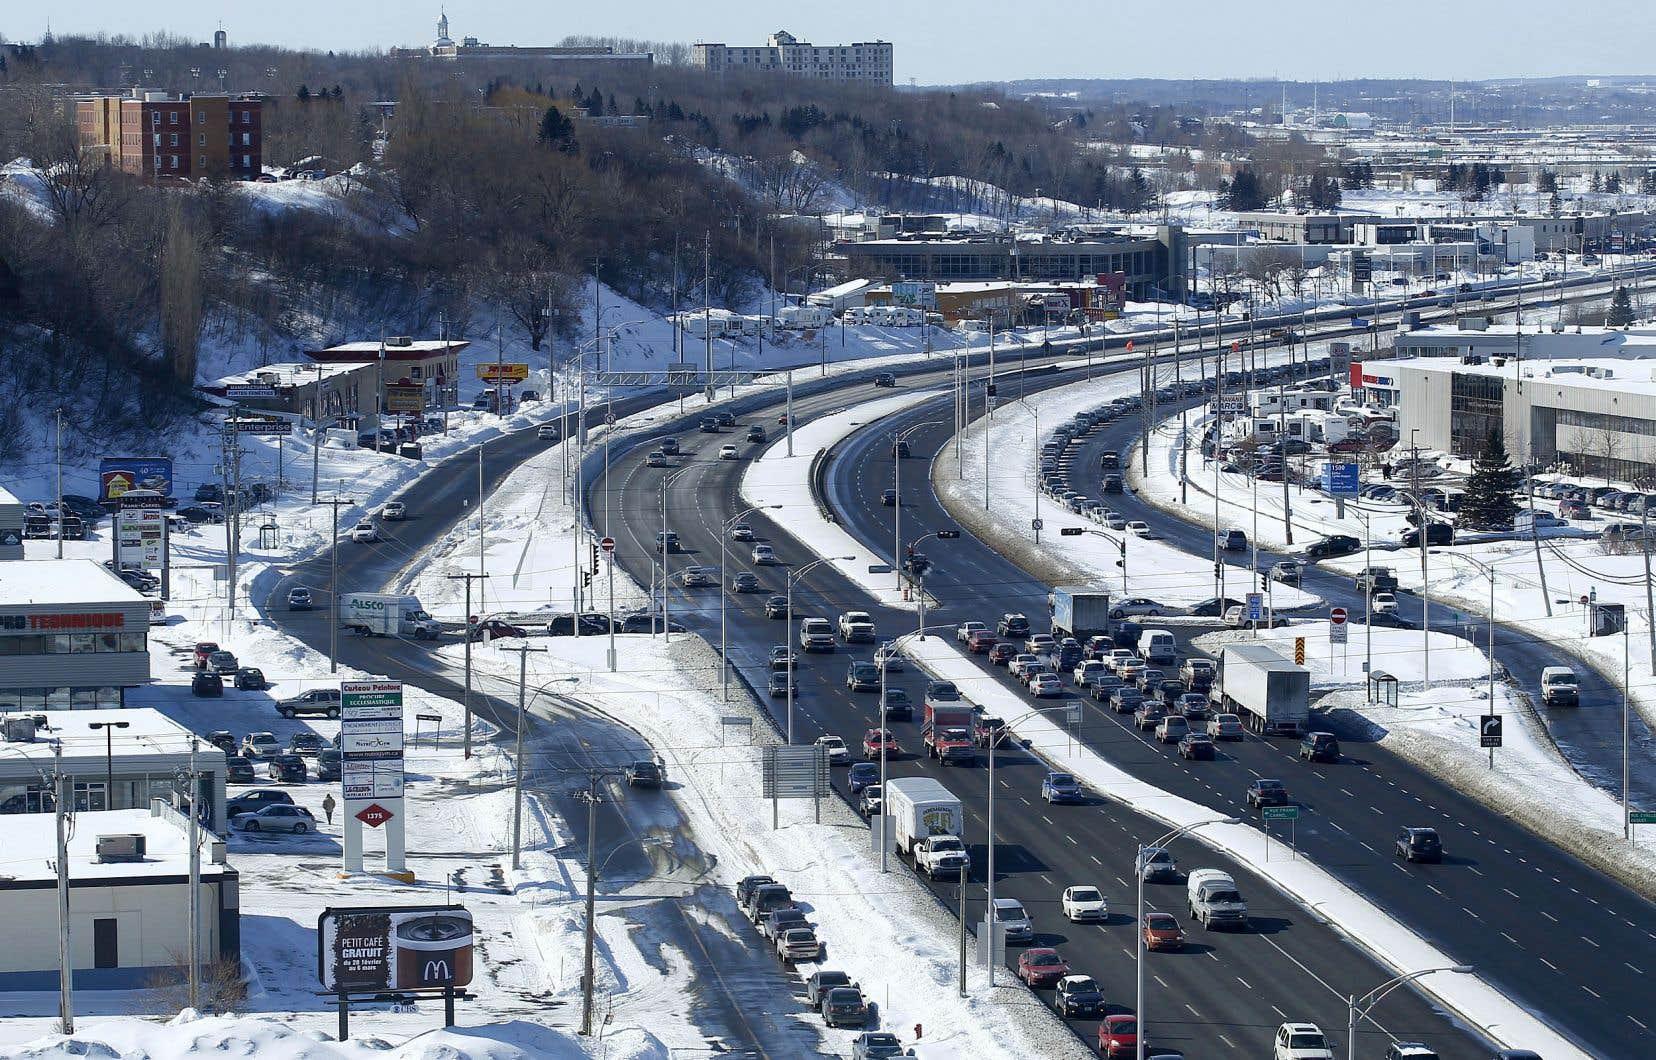 L'aménagement raisonné des milieux de vie est incontournable pour la transition vers des modes de transport durables.